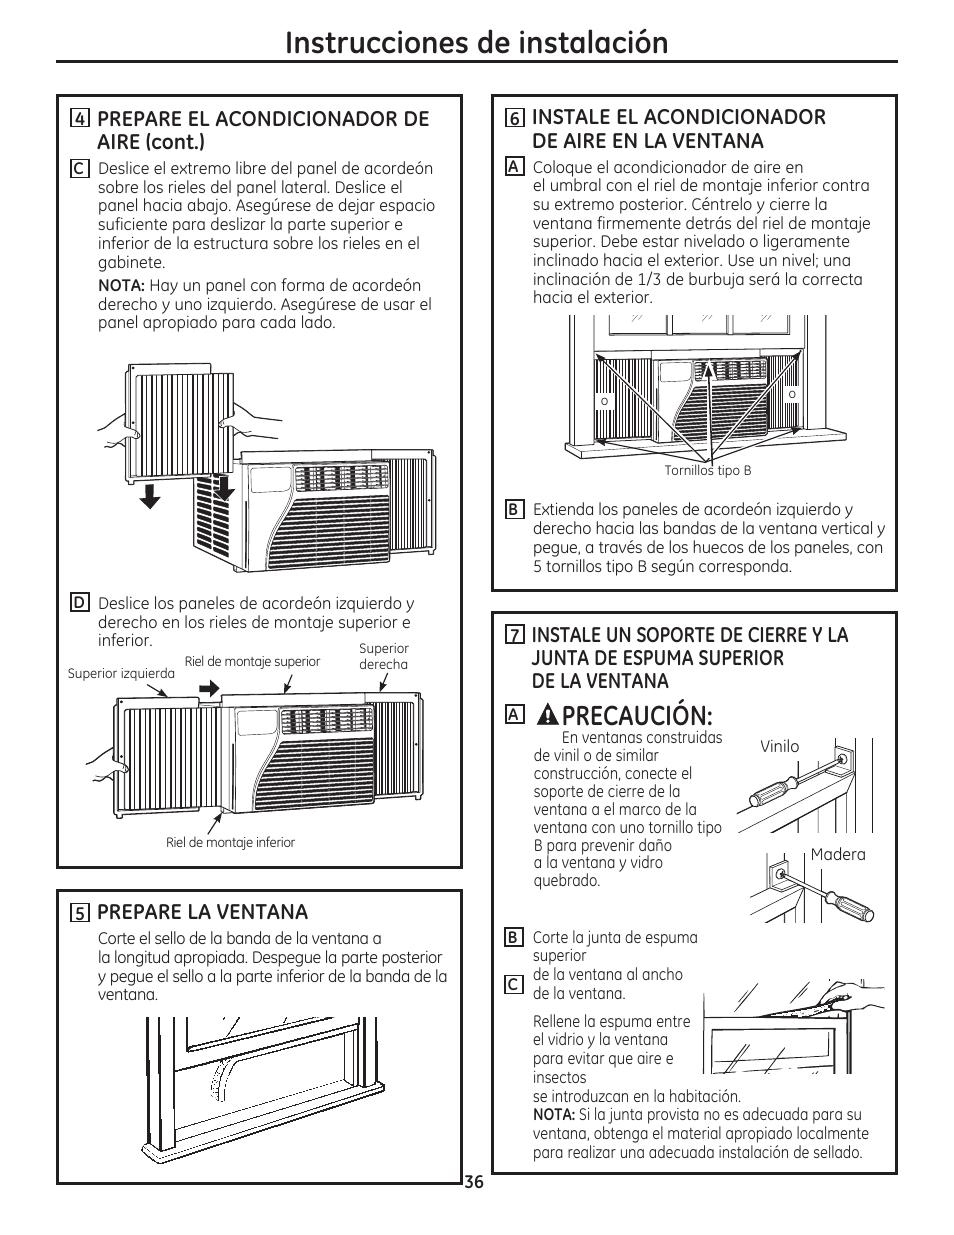 Instrucciones de instalación, Precaución, Prepare la ventana | GE ...